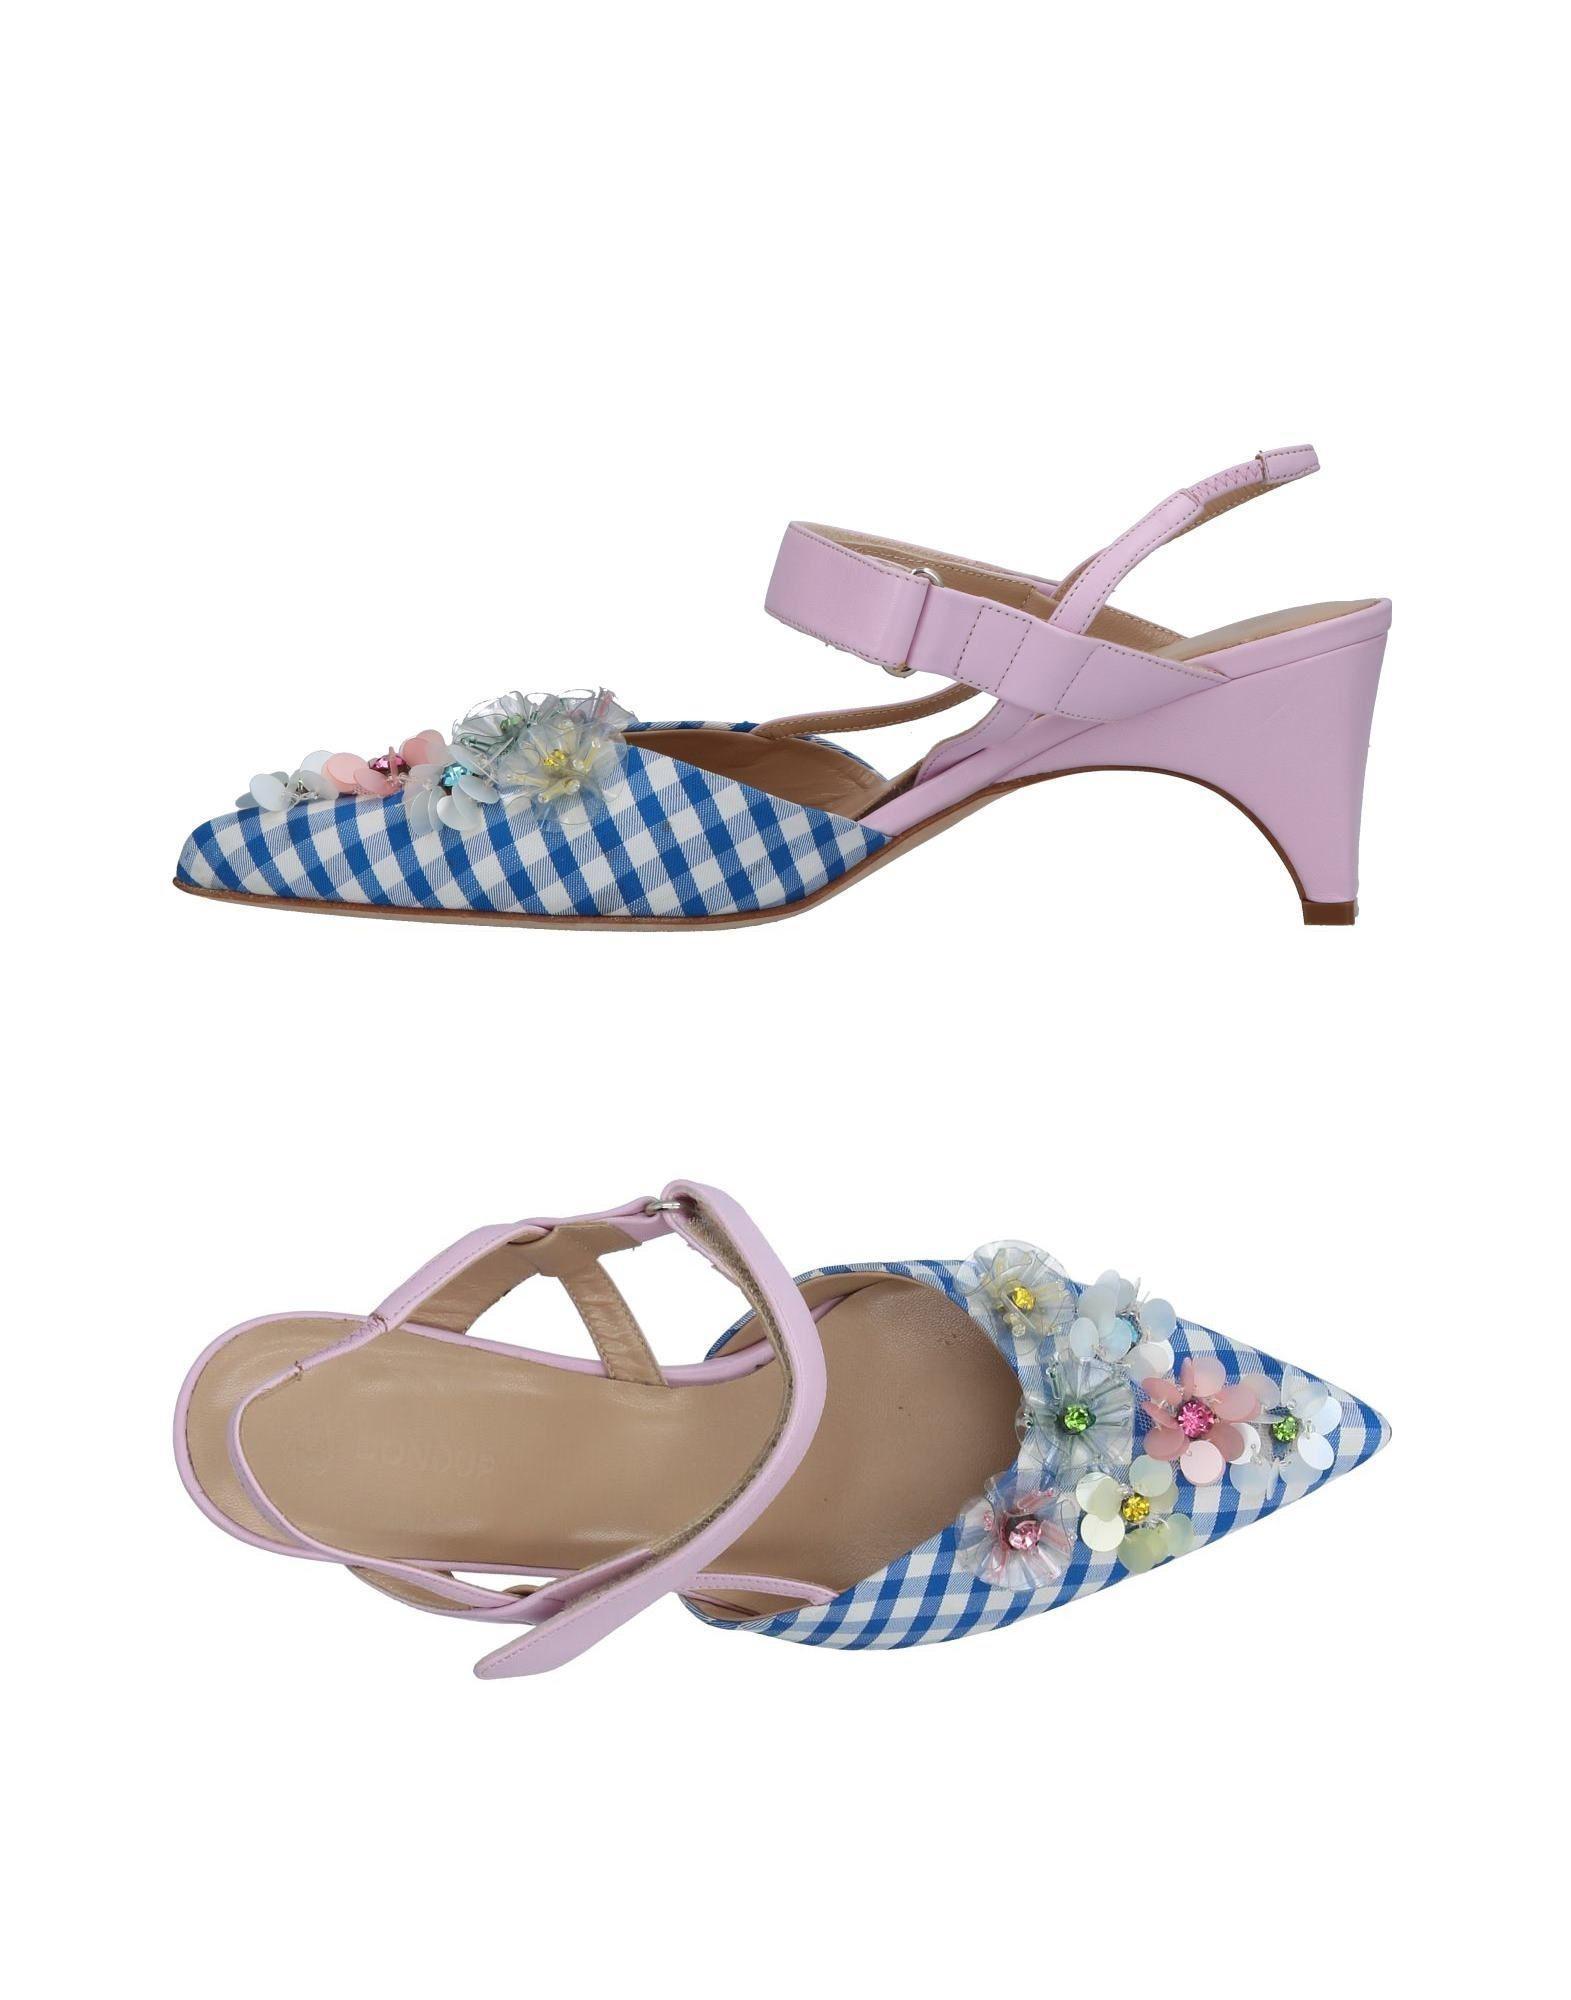 Schuhe verschenken ebay